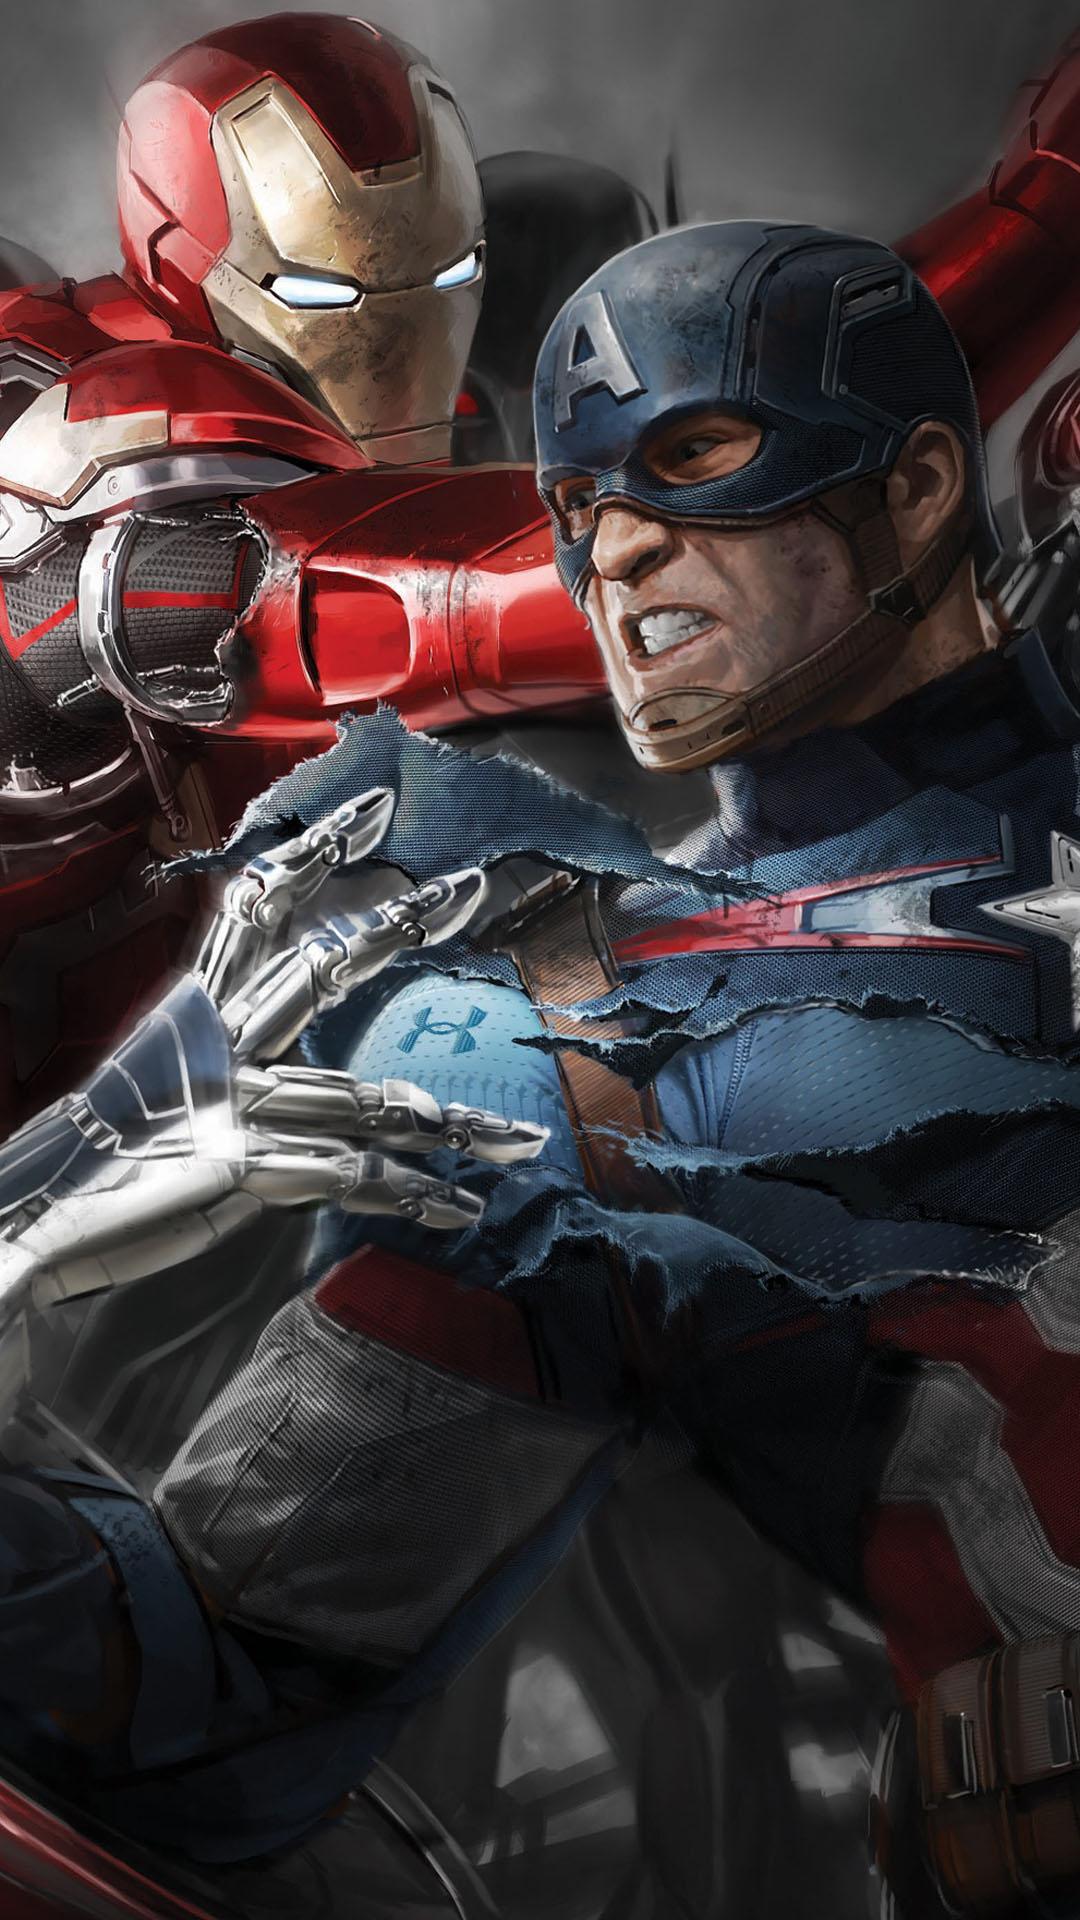 Avengers iPhone Wallpaper - WallpaperSafari